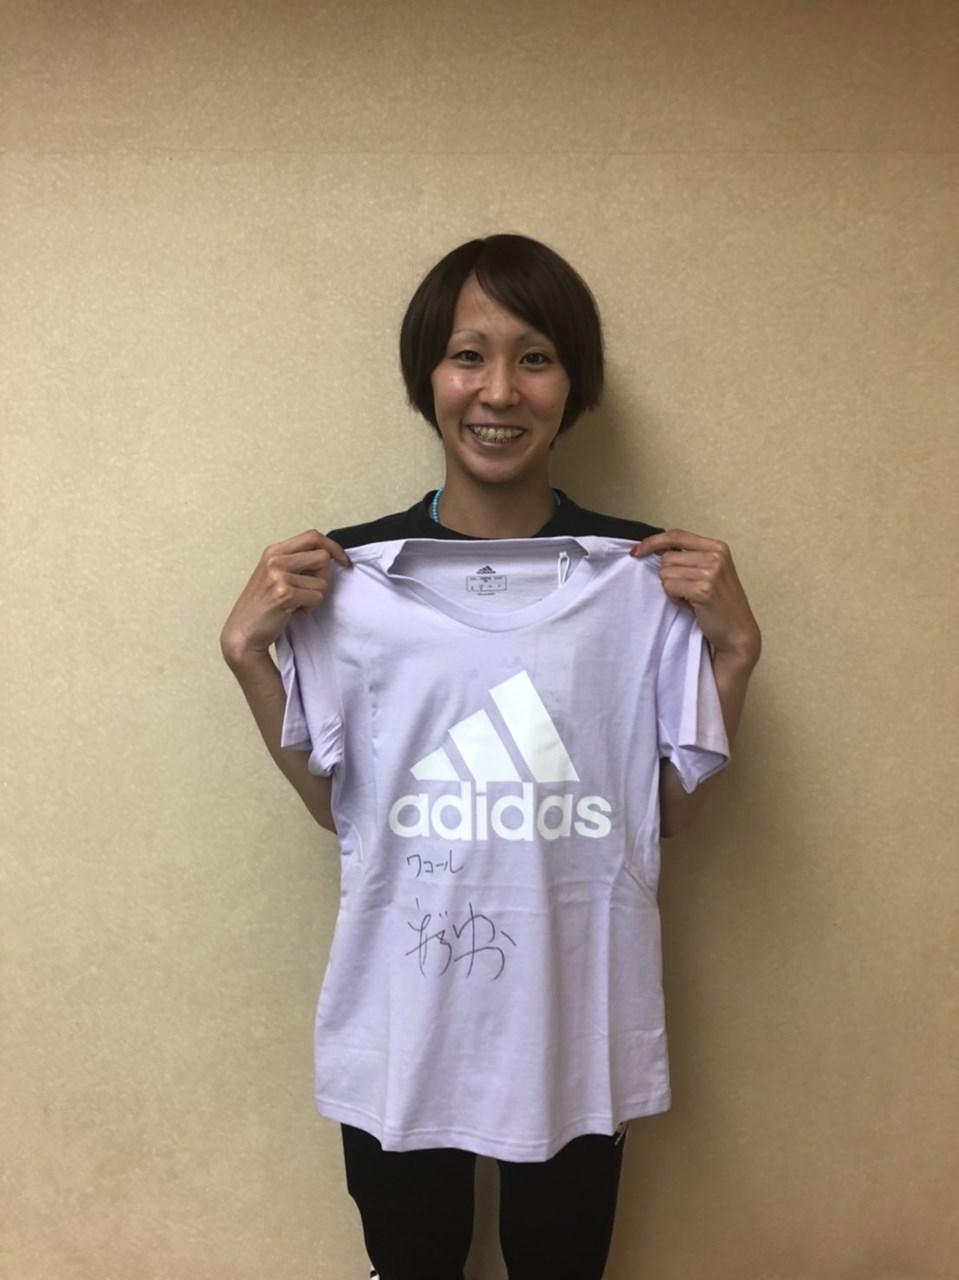 【日本陸連公式】安藤 友香 選手